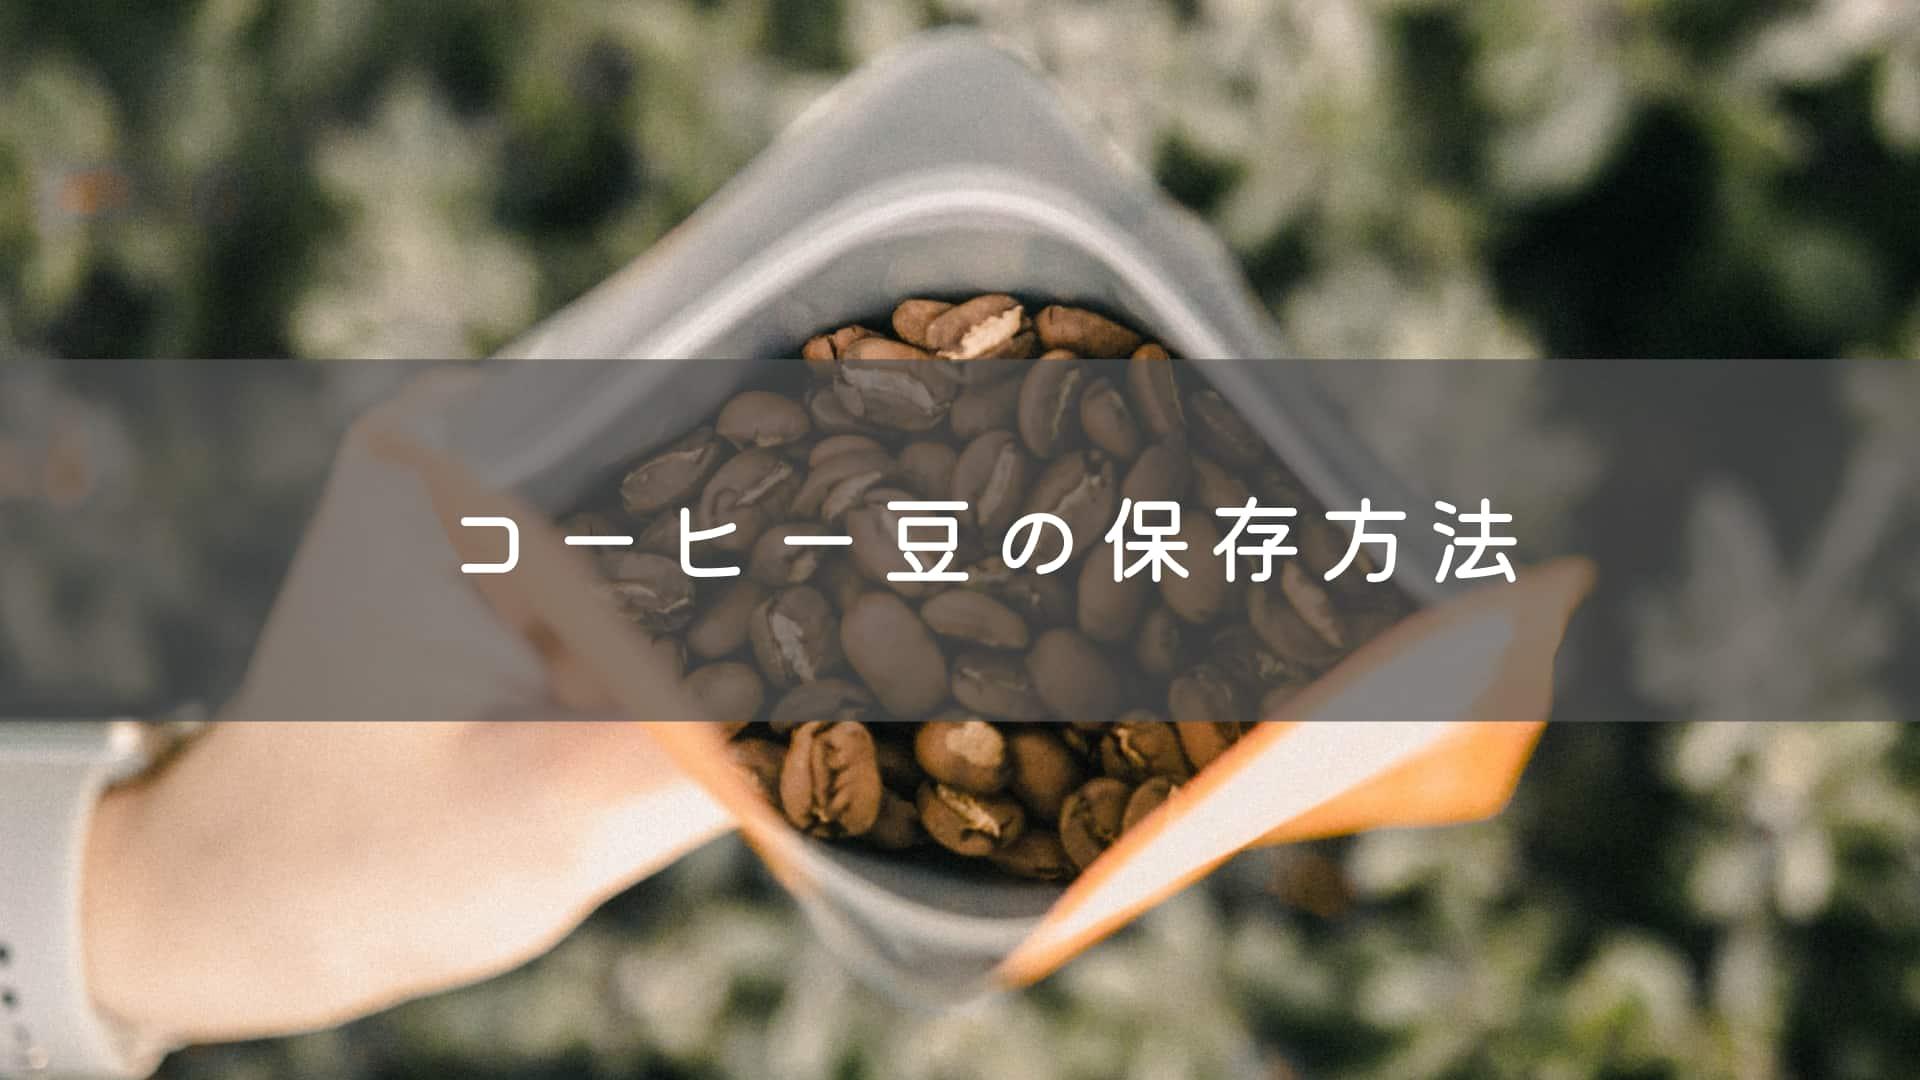 【コーヒーの保存方法まとめ】いつでも新鮮なコーヒーを飲むために冷凍・冷蔵しよう